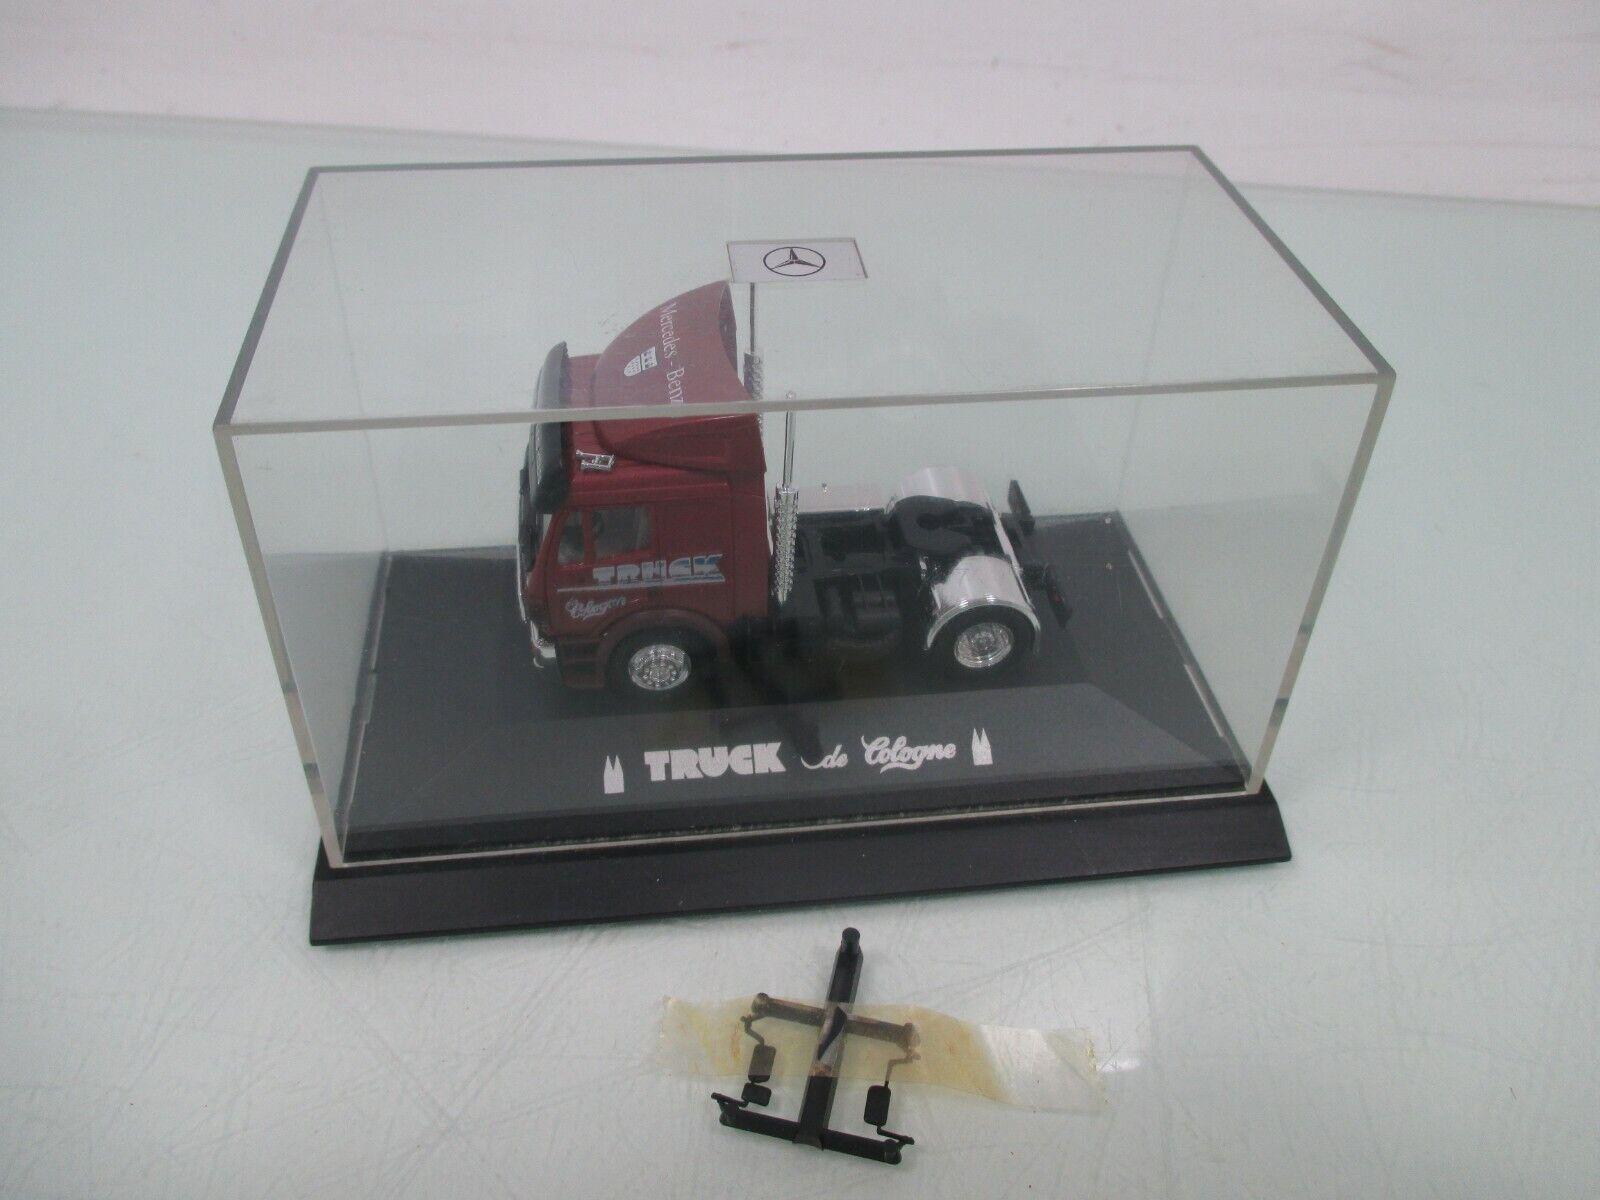 Herpa 1 87 MERCEDES BENZ camion de Colgne tracteur M. neuf dans sa boîte (wm6680)